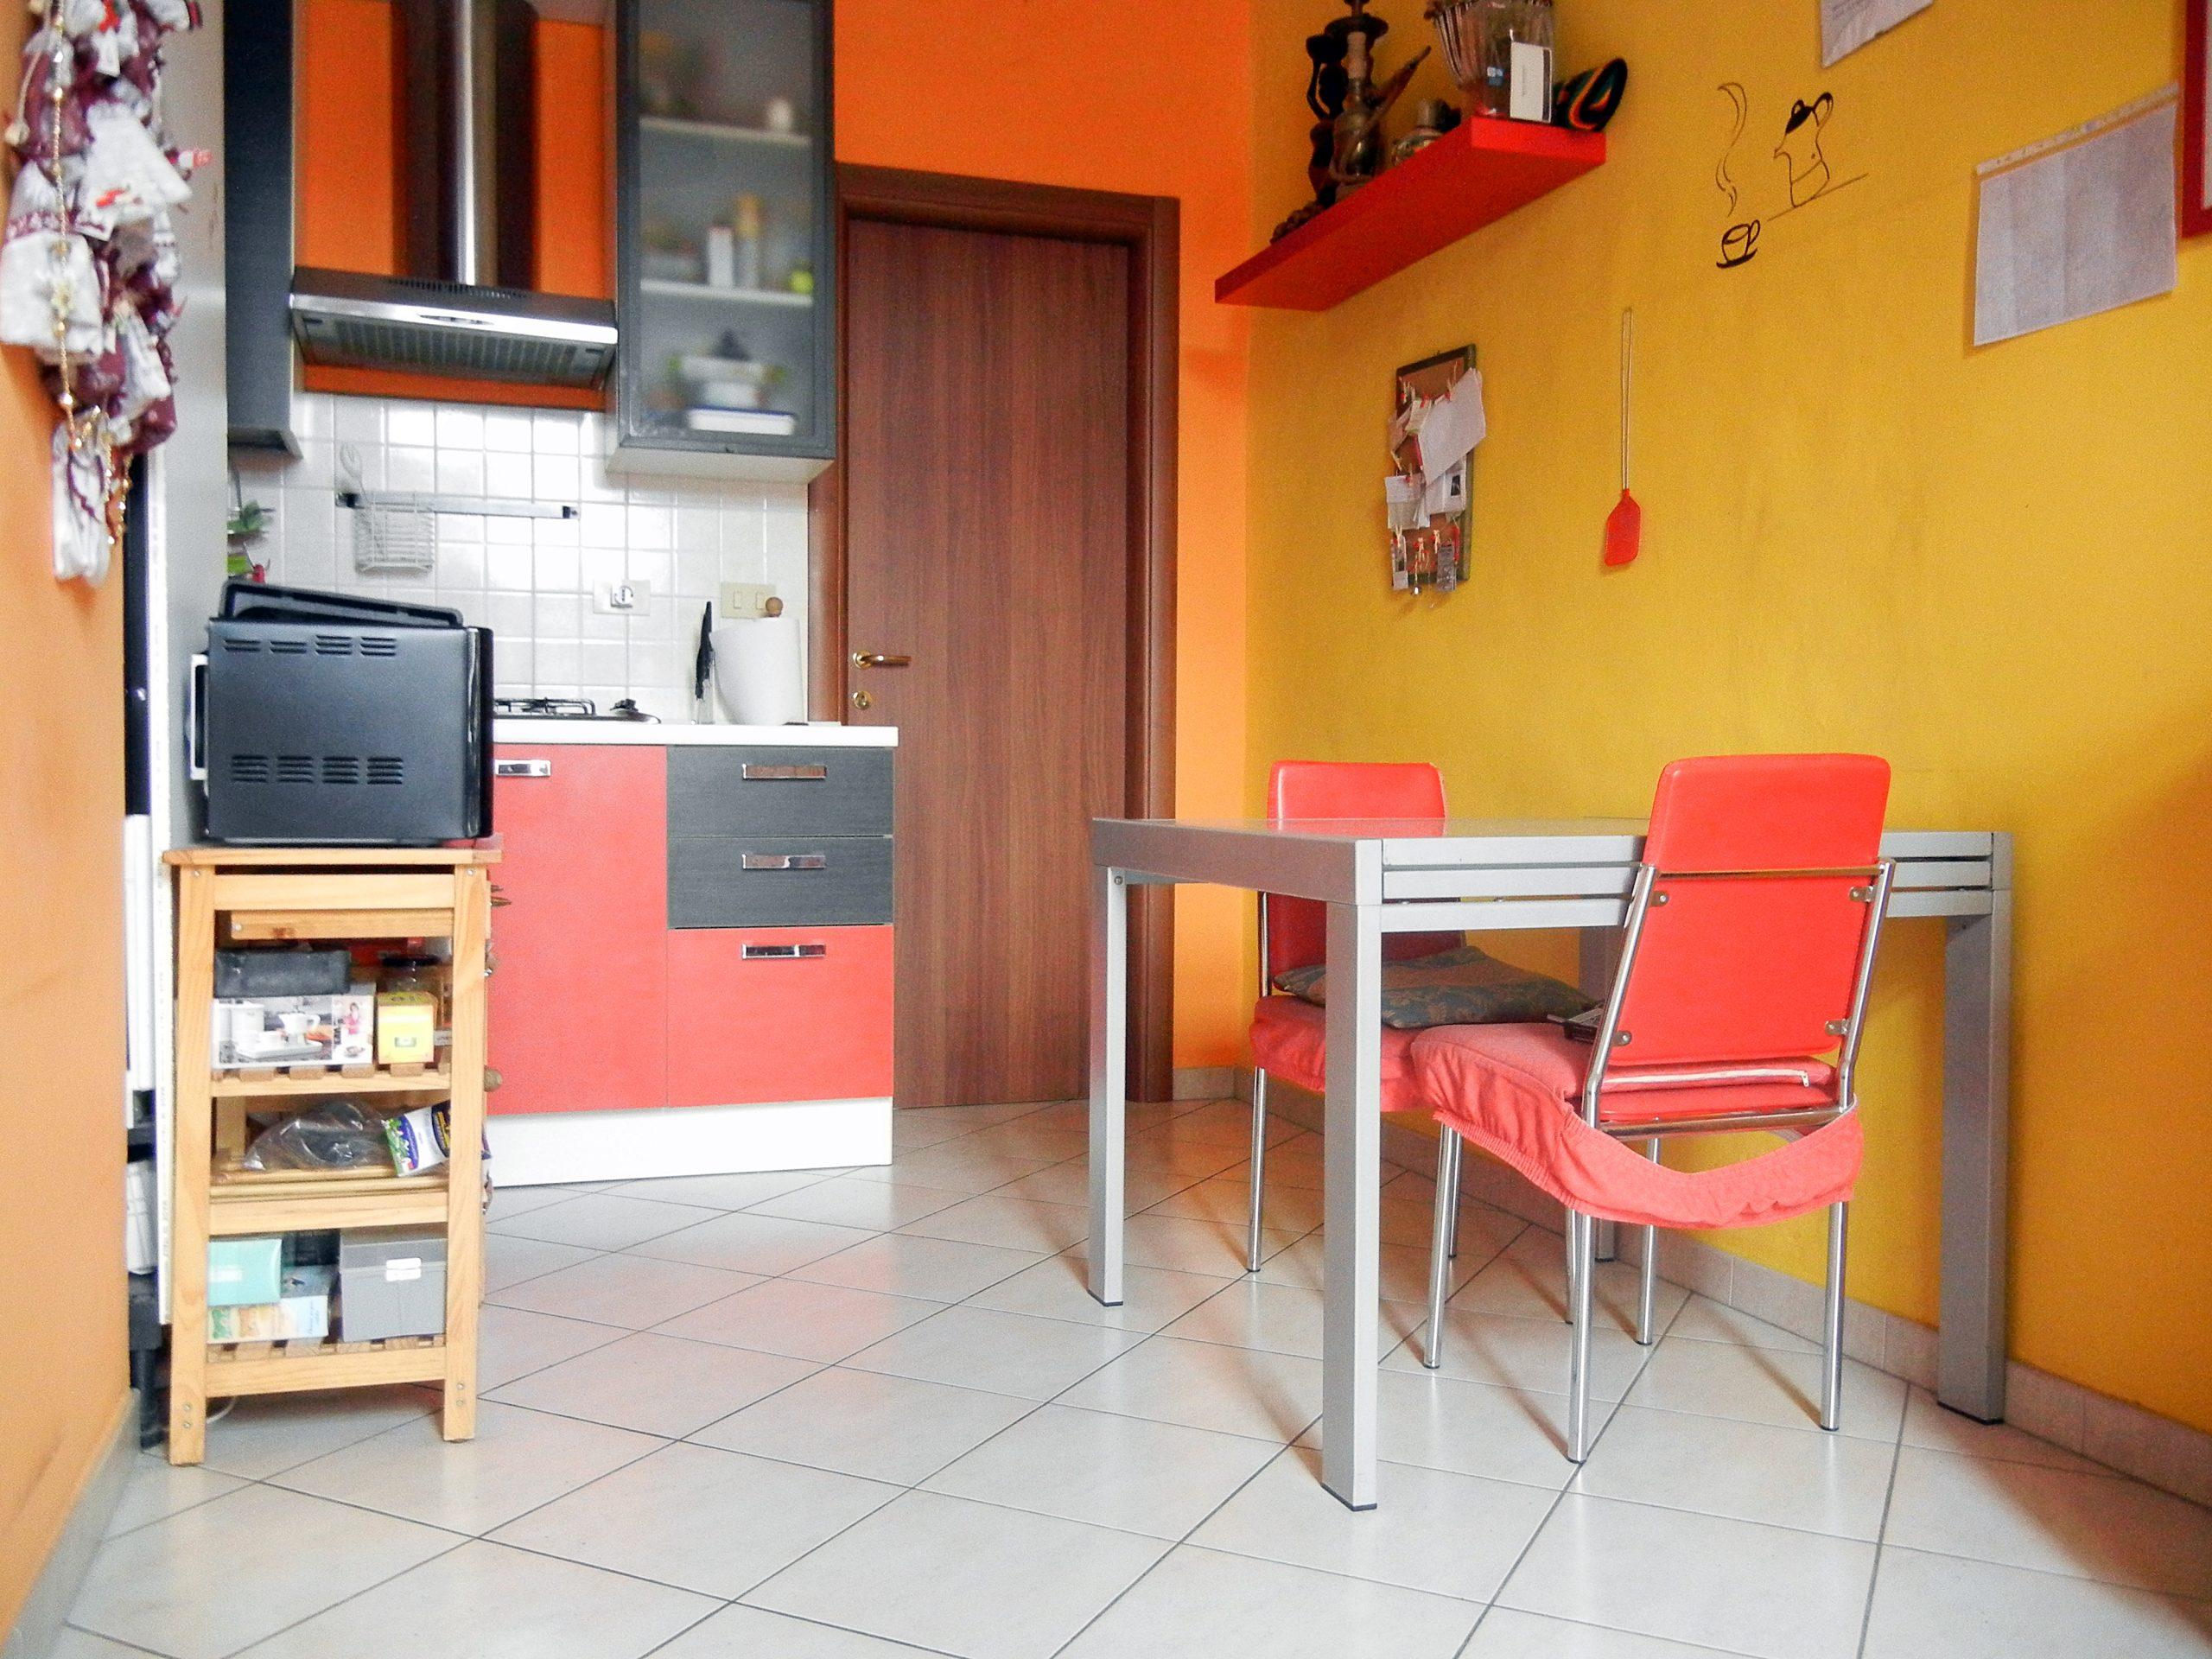 Bilocale ristrutturato e arredato in vendita in Corso Belgio, ottima opportunità d'investimento.